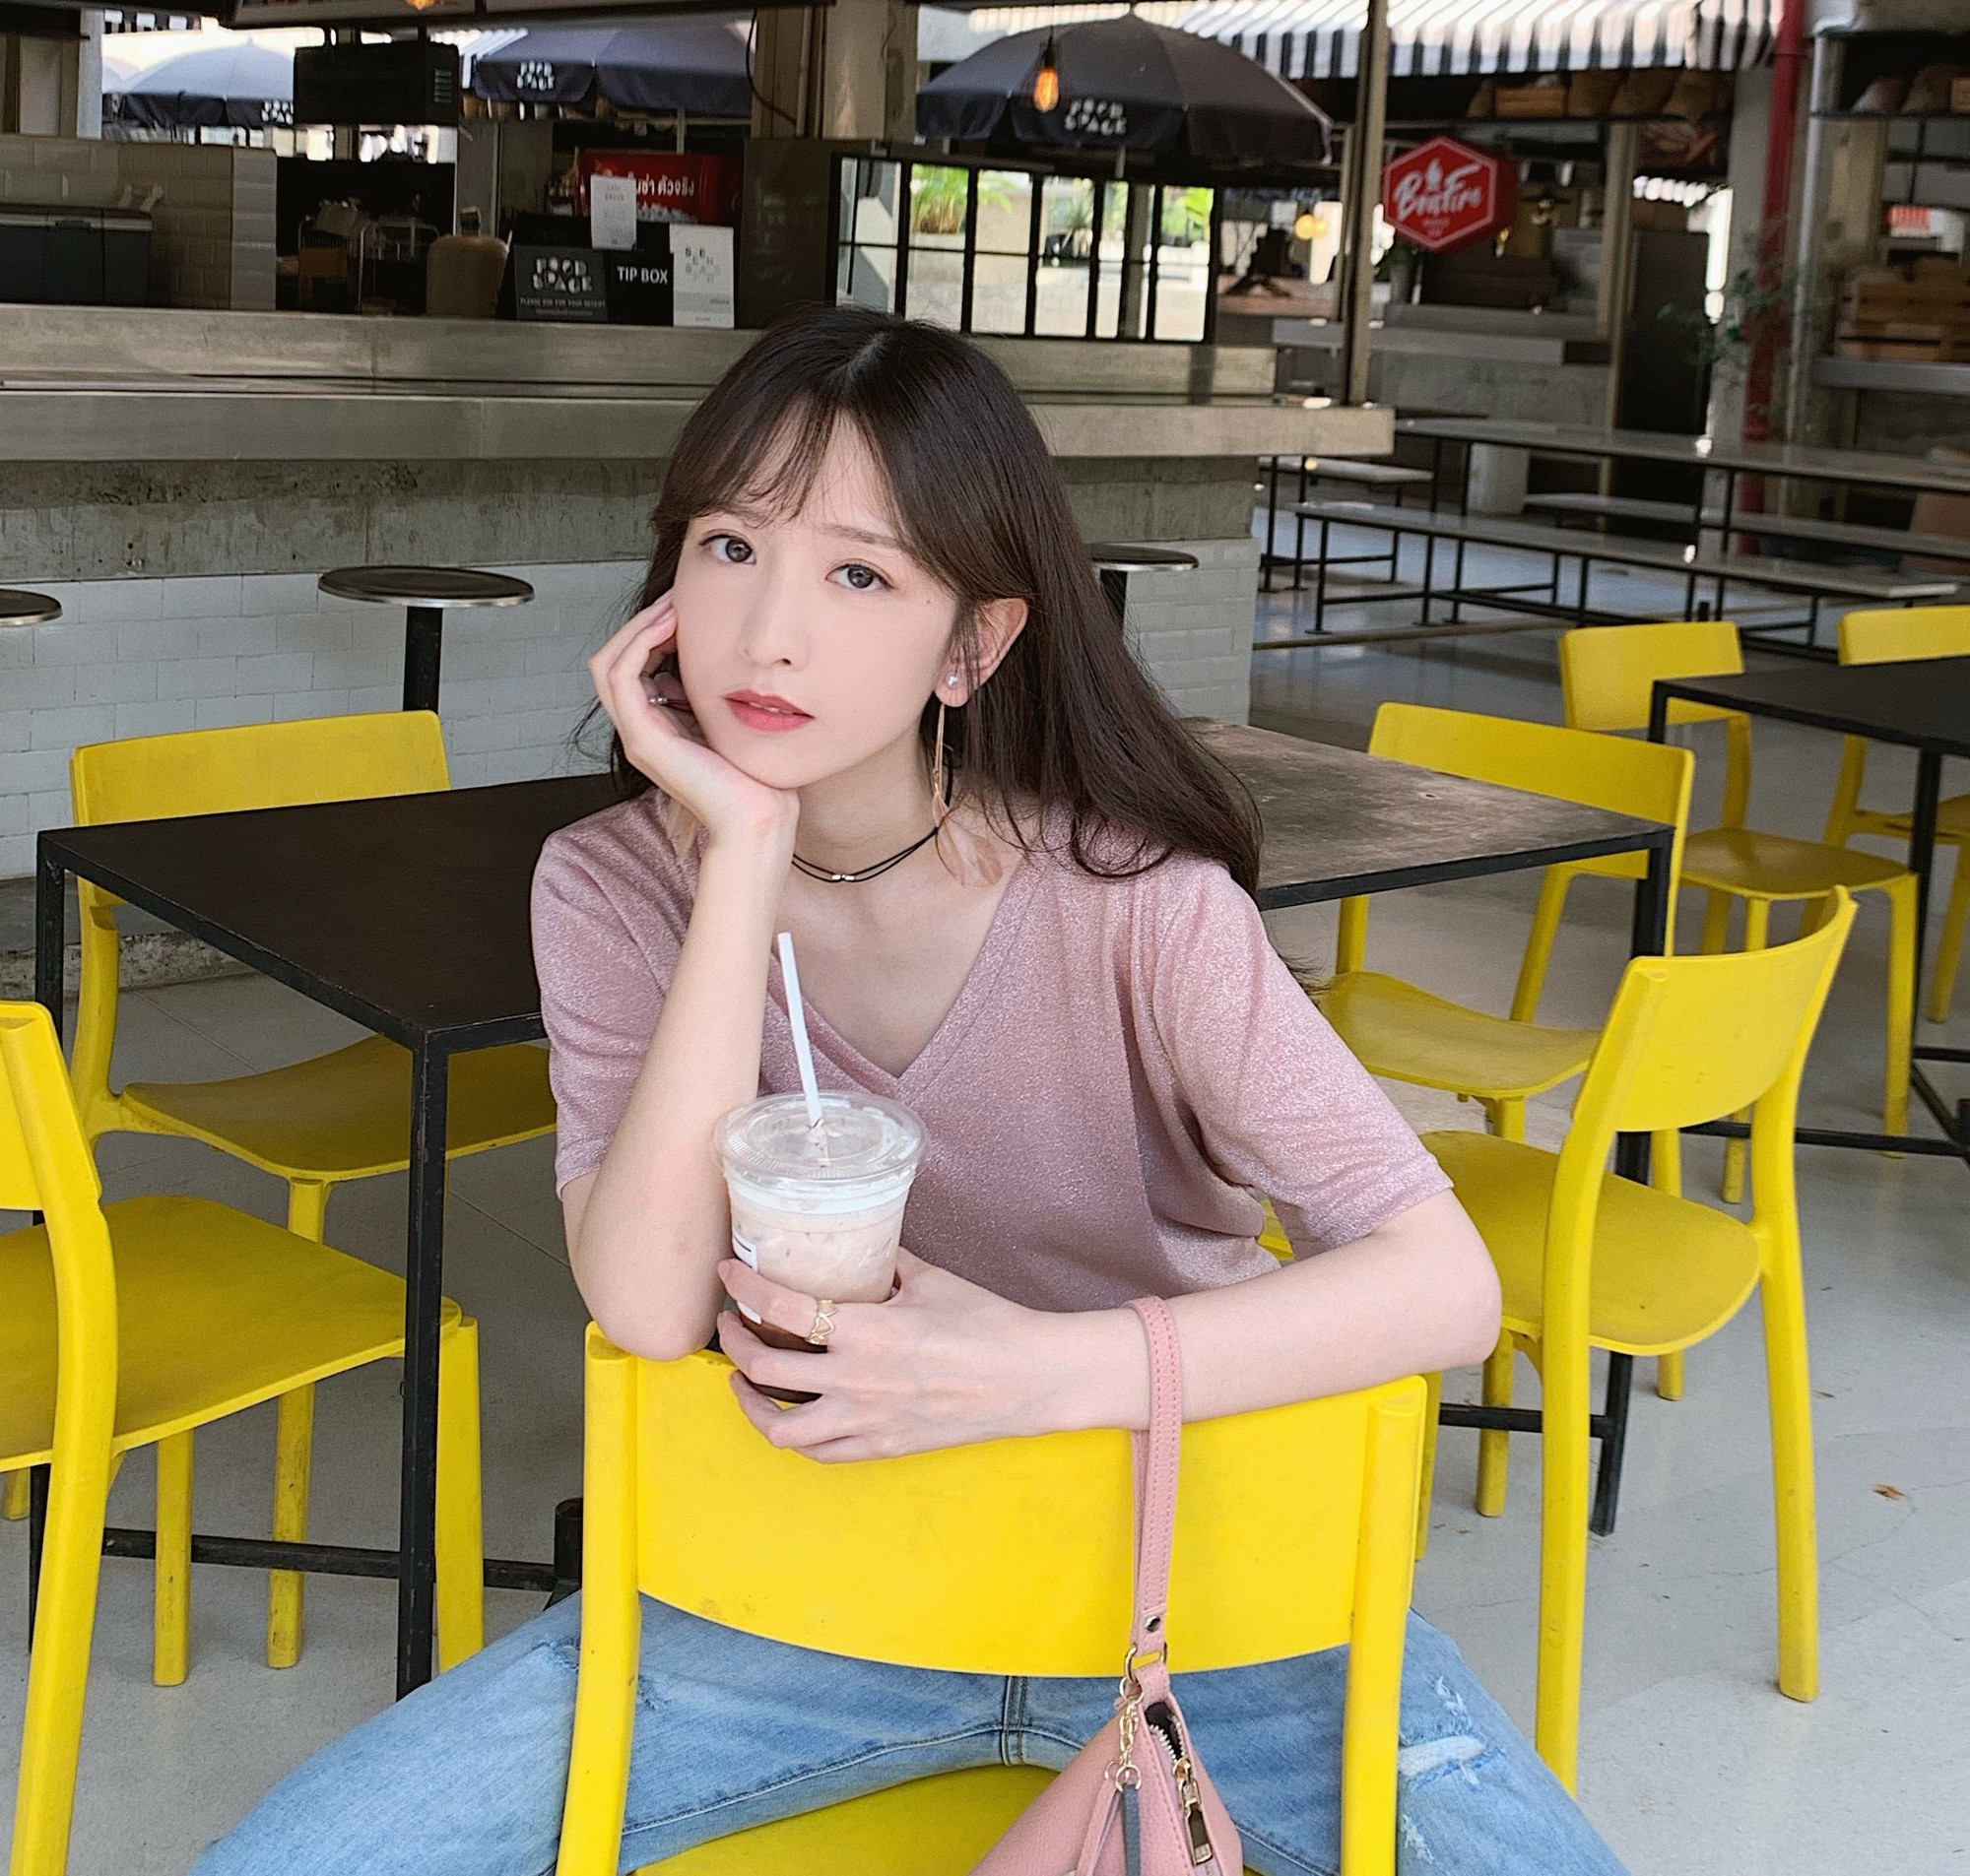 Câu chuyện cô gái cua được crush bằng cách cả một học kì ngày nào cũng đi uống trà sữa đang khiến cư dân mạng ai cũng phải xuýt xoa ngưỡng mộ